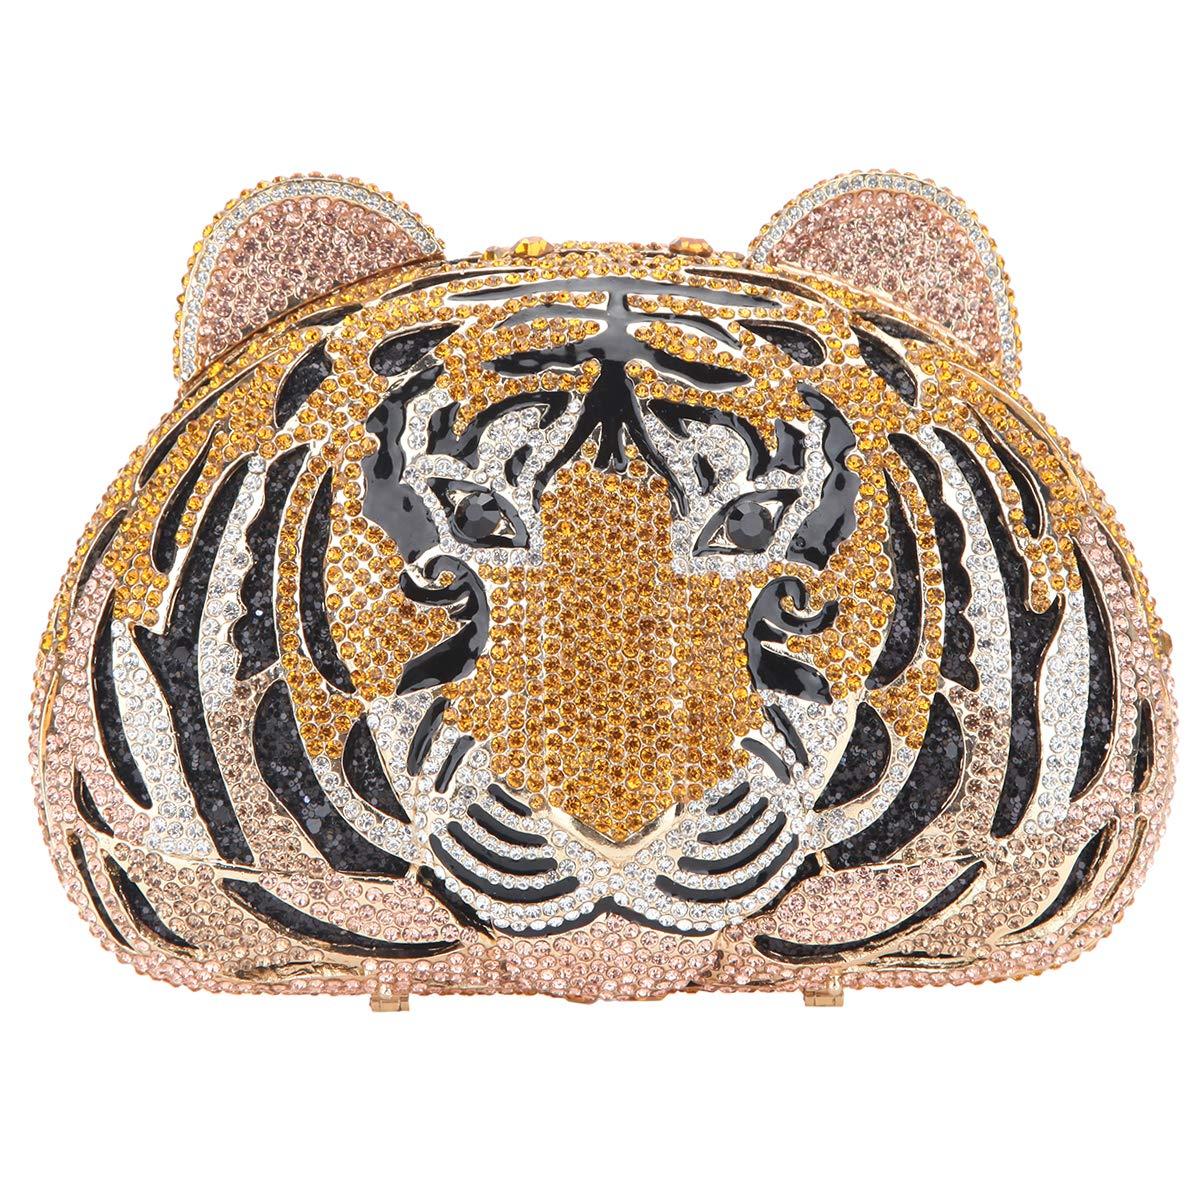 Fawziya Tiger Purse For Women Luxury Rhinestone Clutch Evening Bag - Rose Gold